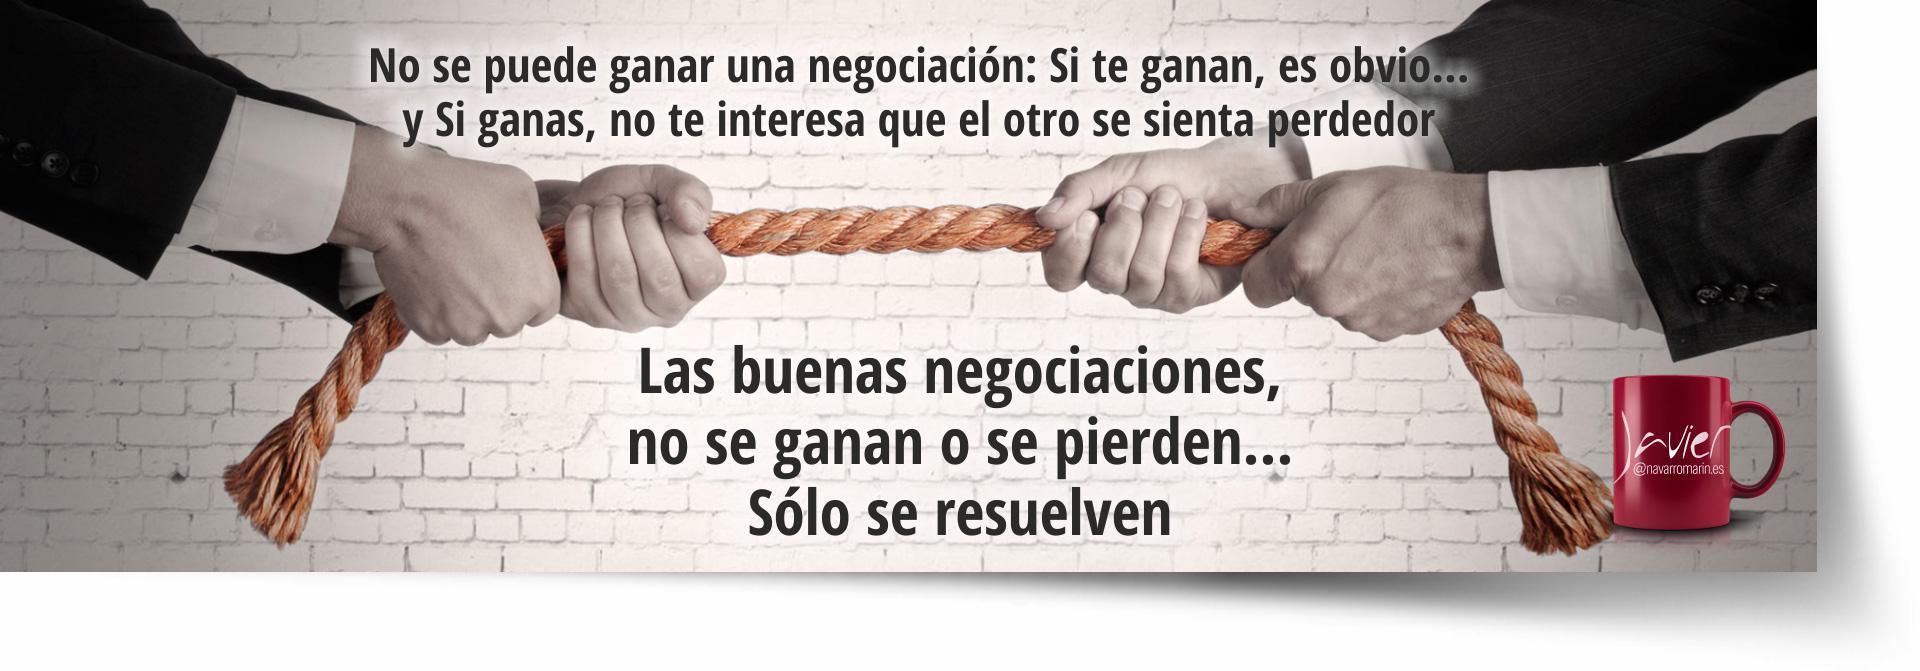 buenas negociaciones